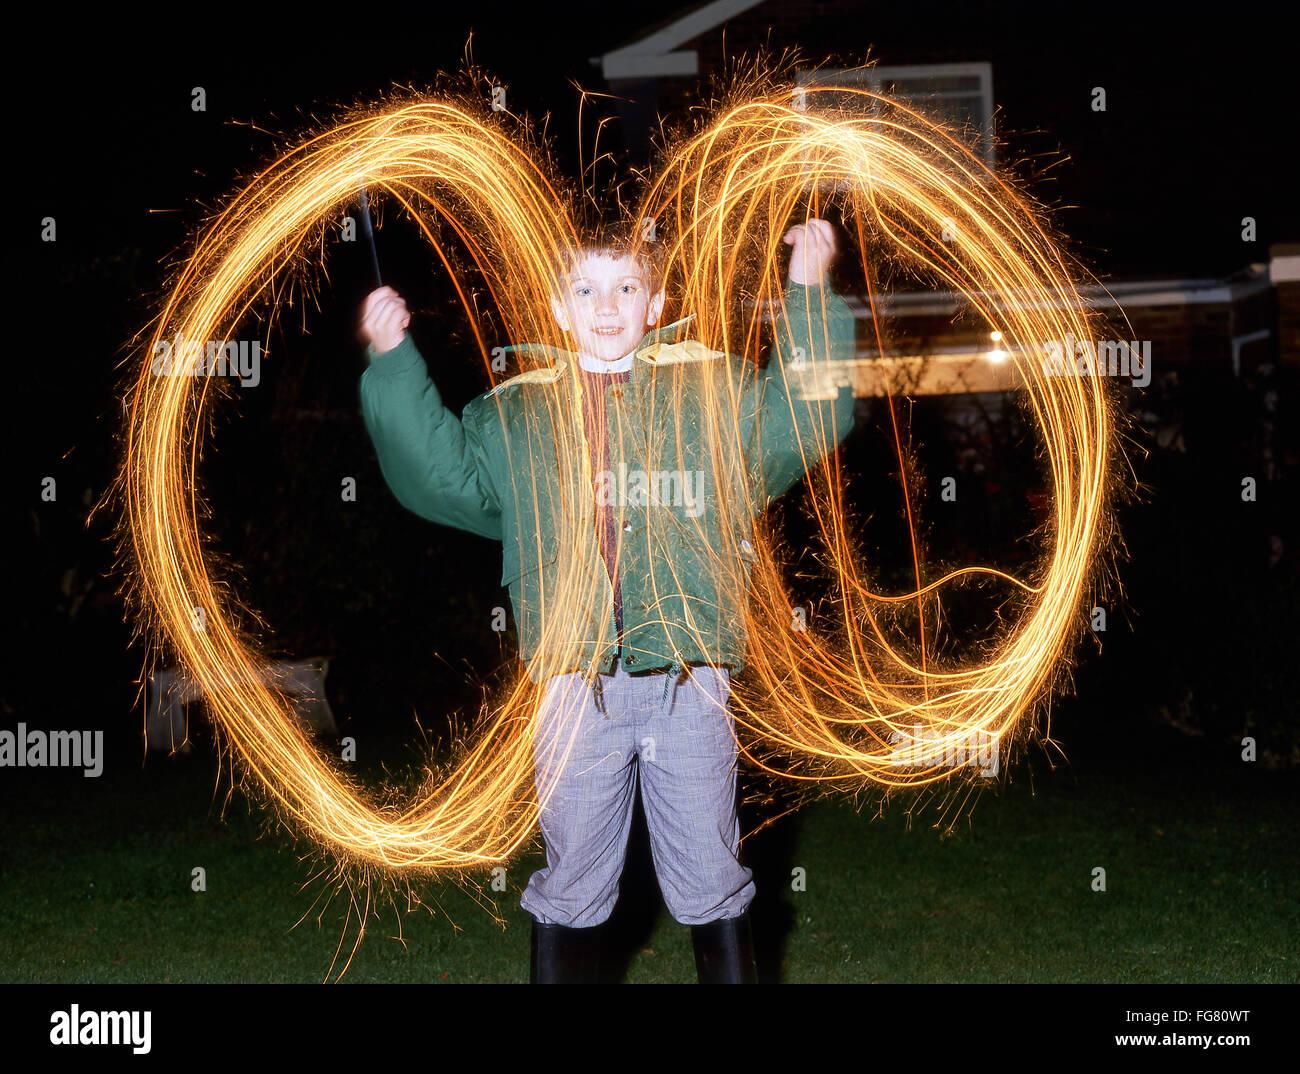 Giovane ragazzo che cerchi con botti sulla notte di fuochi d'artificio, Berkshire, Inghilterra, Regno Unito Immagini Stock